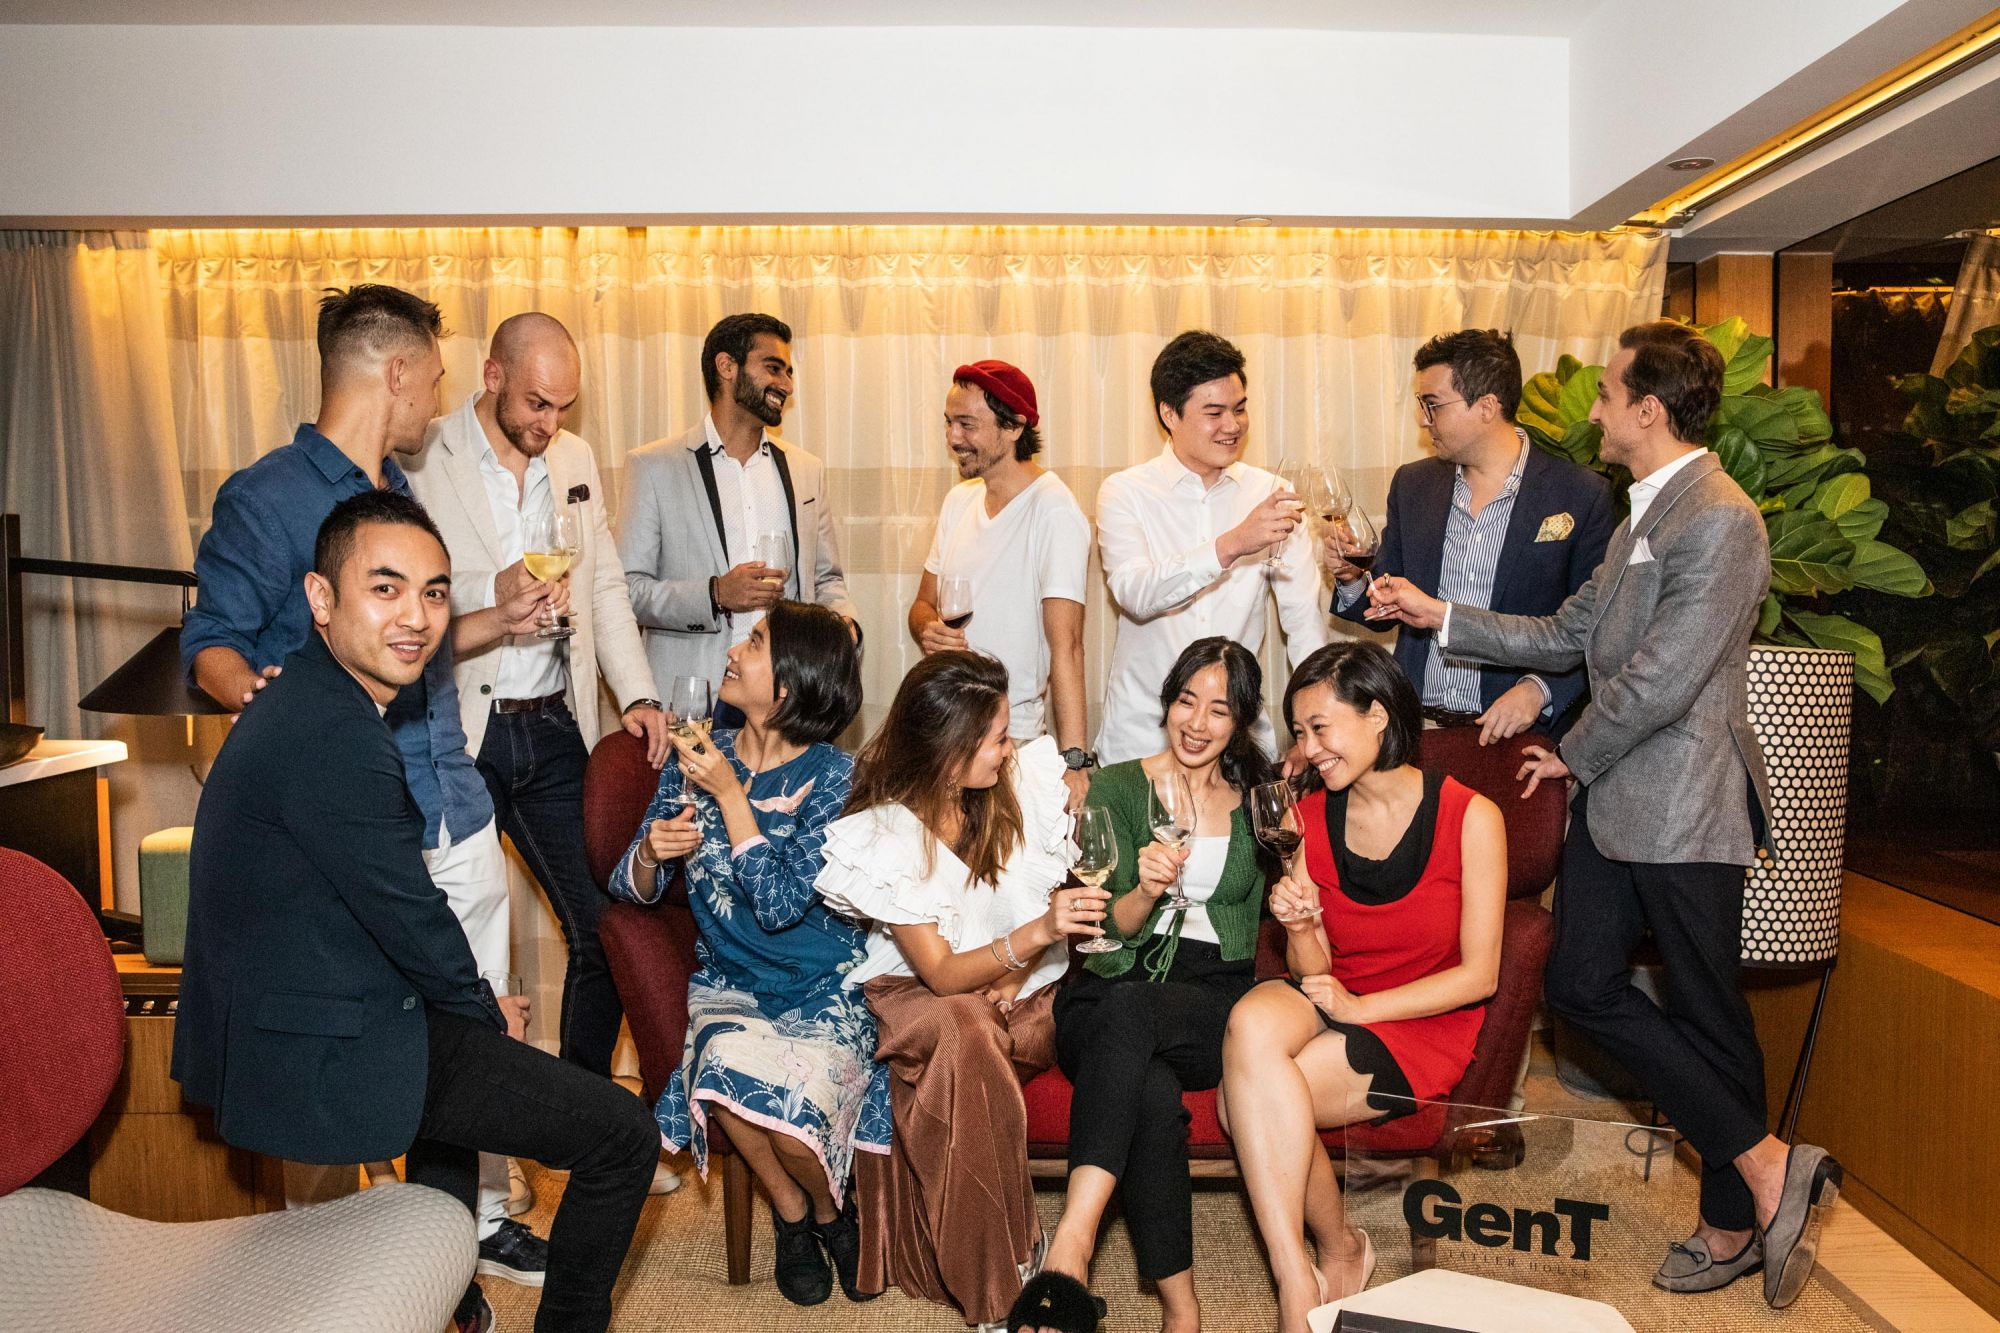 In Pictures: Spirit Appreciation Workshop At Tatler House Hong Kong